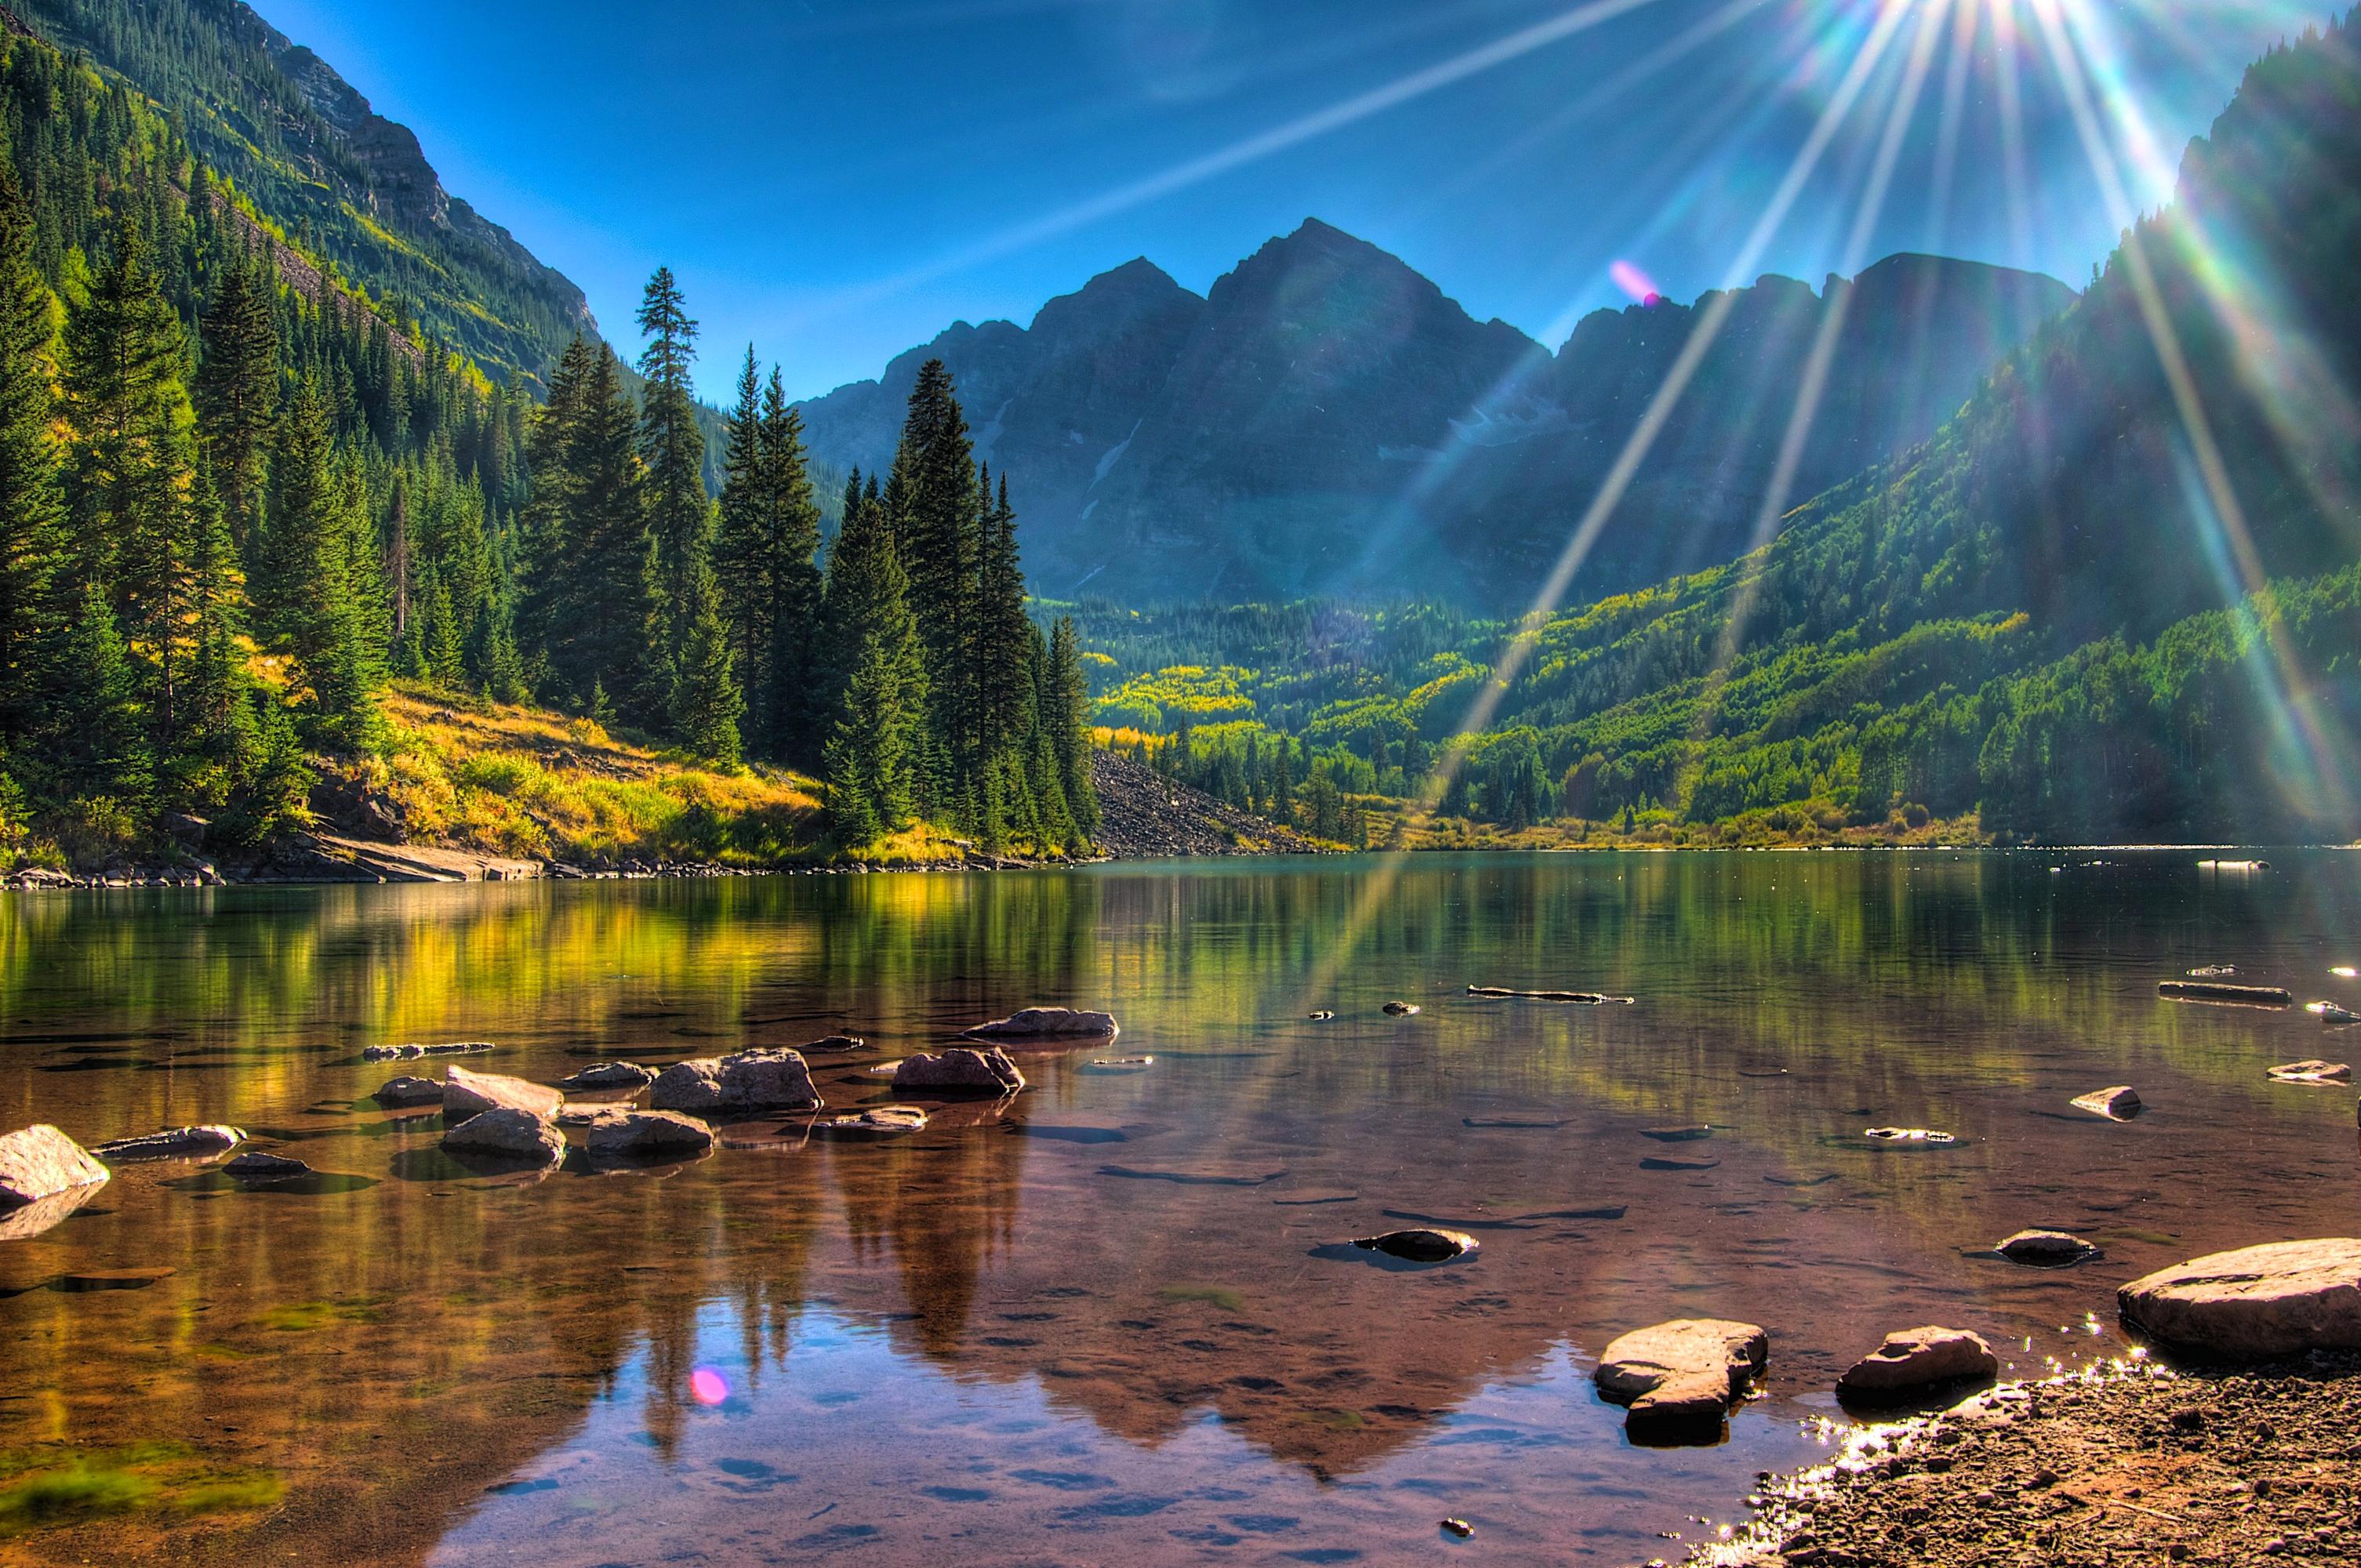 Фонтан озеро лес горы без смс